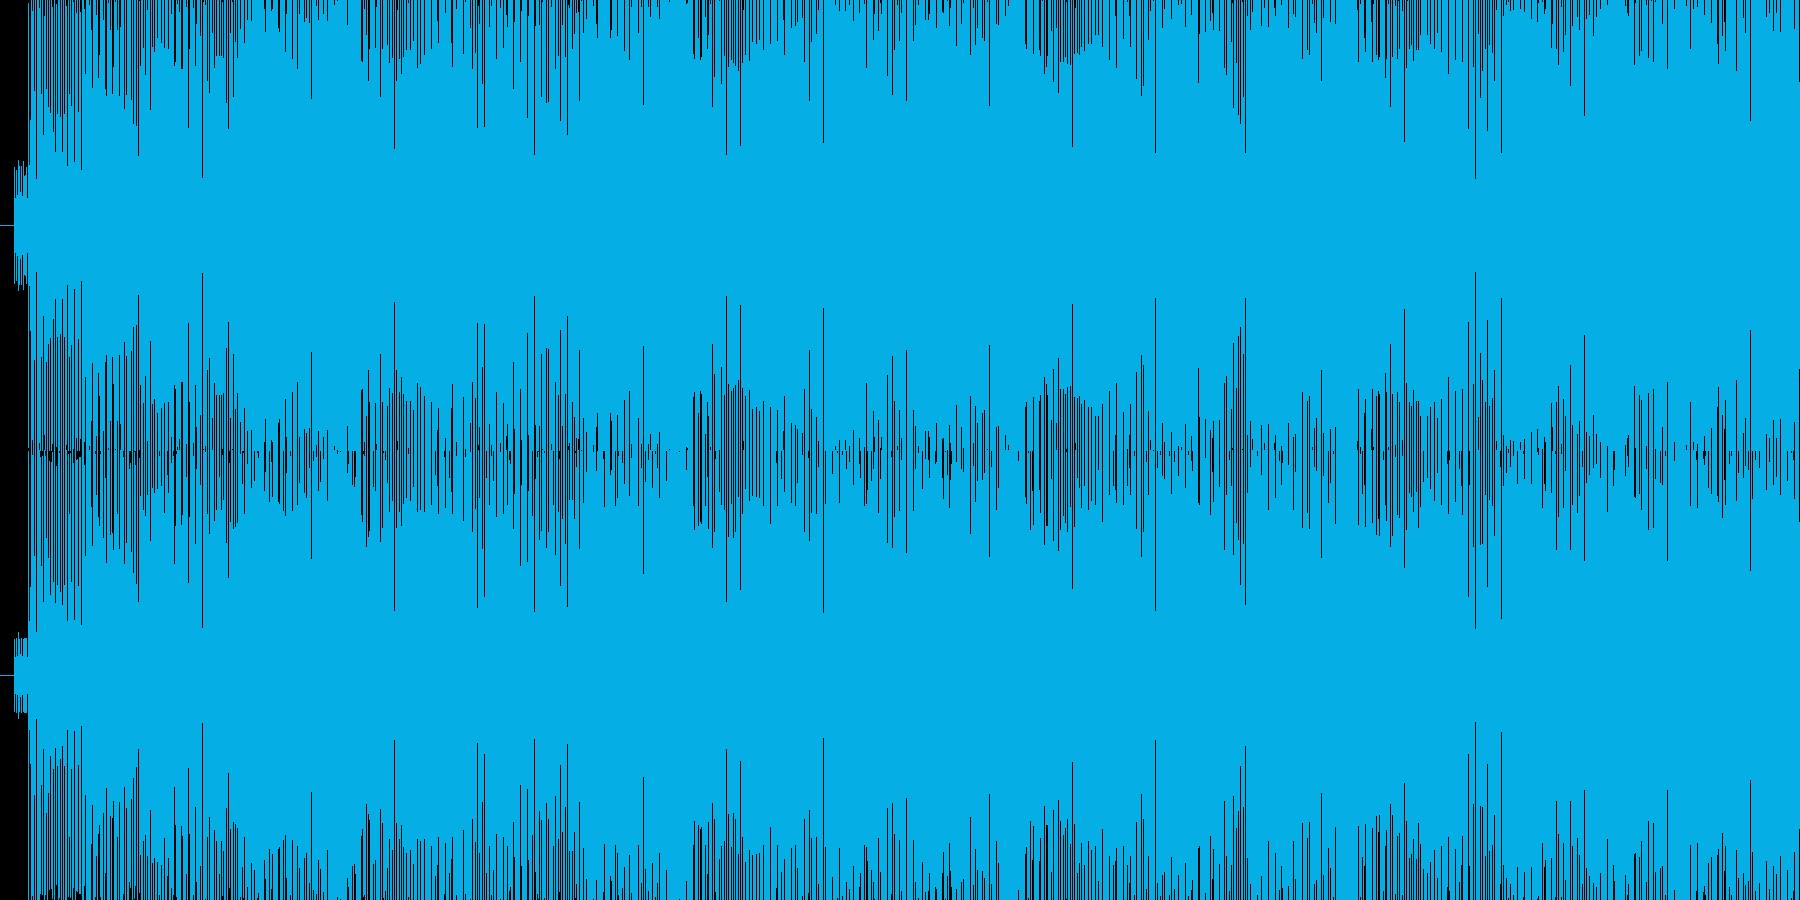 夏の青空にピッタリ!カリプソ風の再生済みの波形